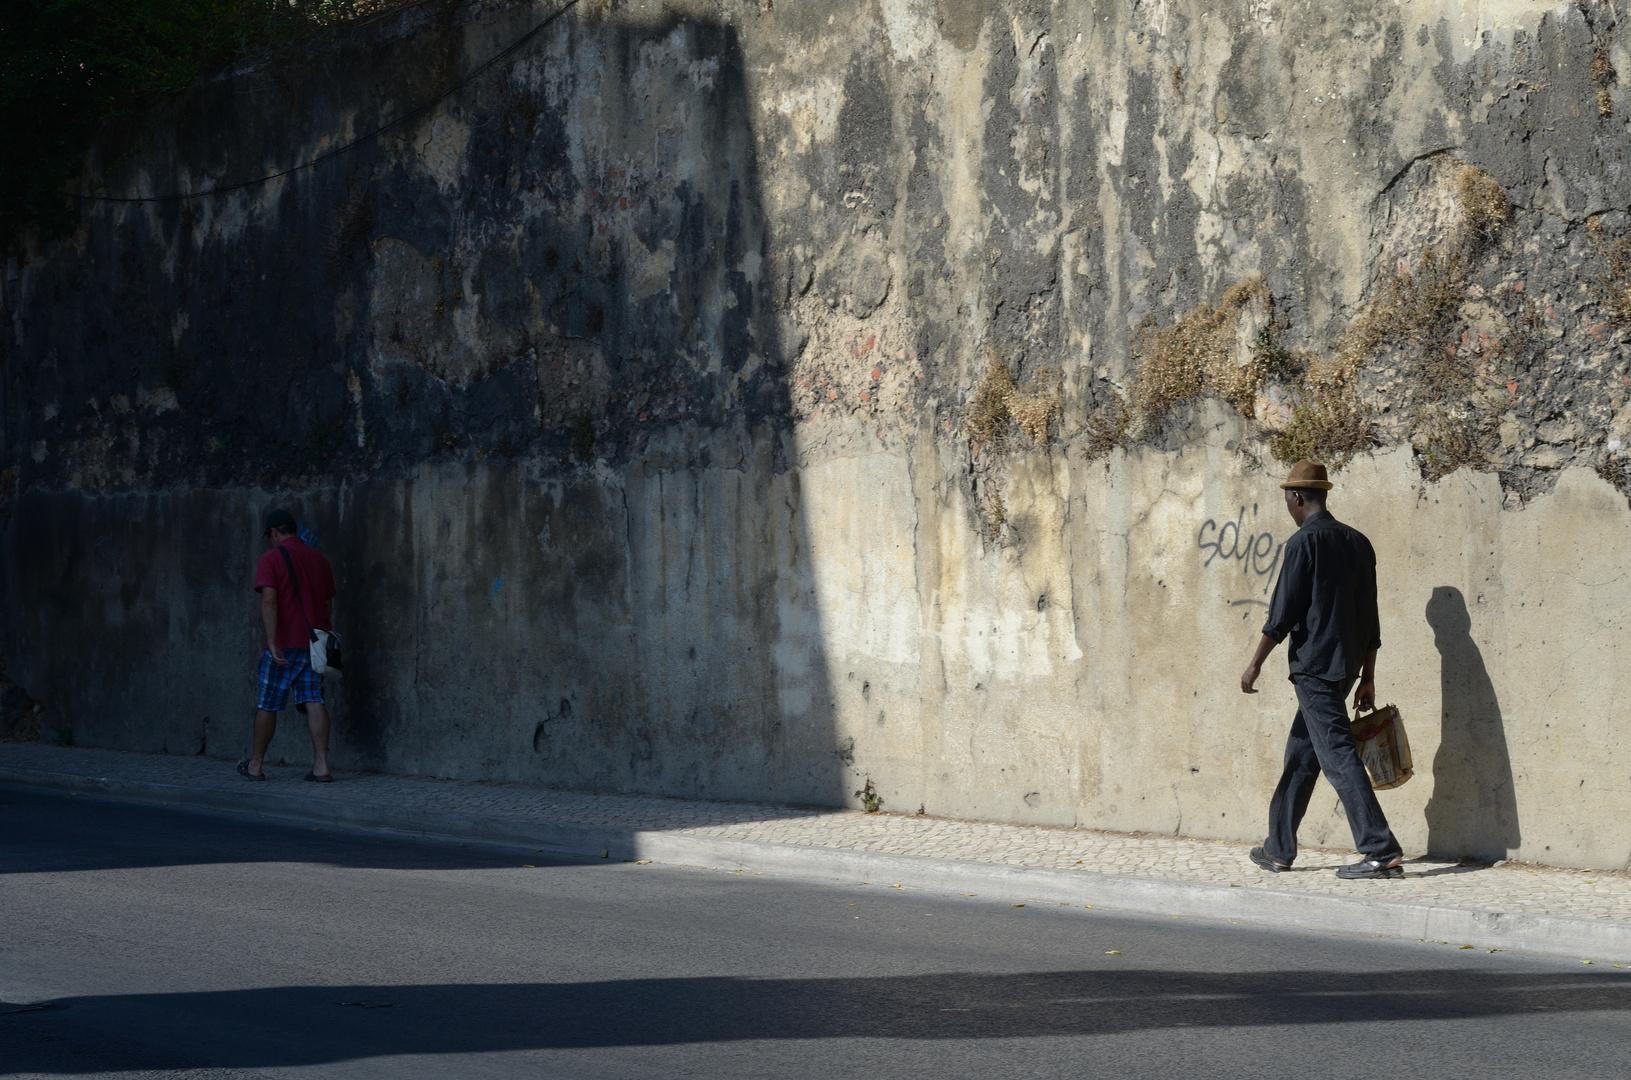 Lissabon - Licht und Schatten, hier wie dort